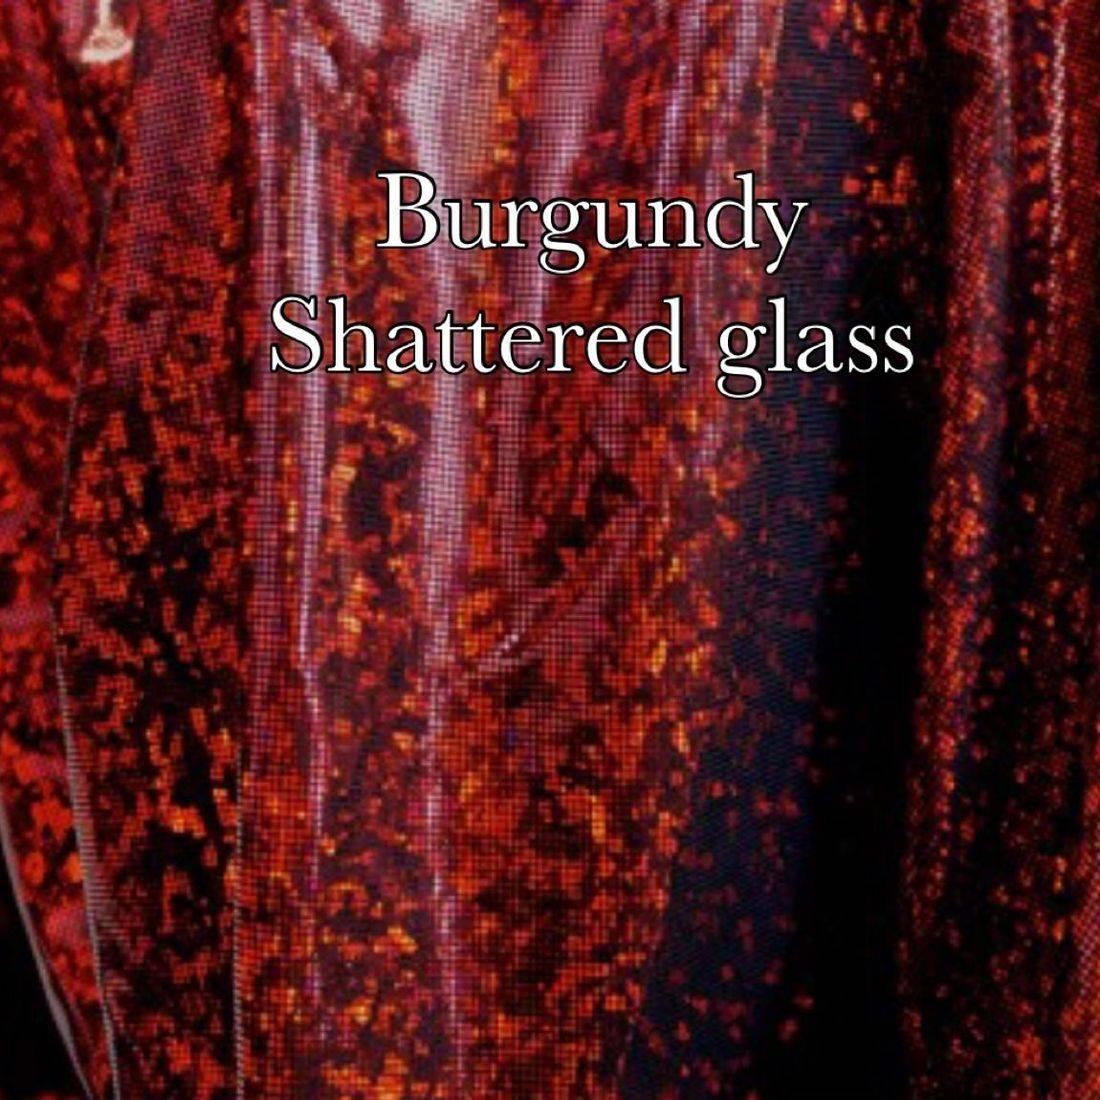 Burgundy shattered glass